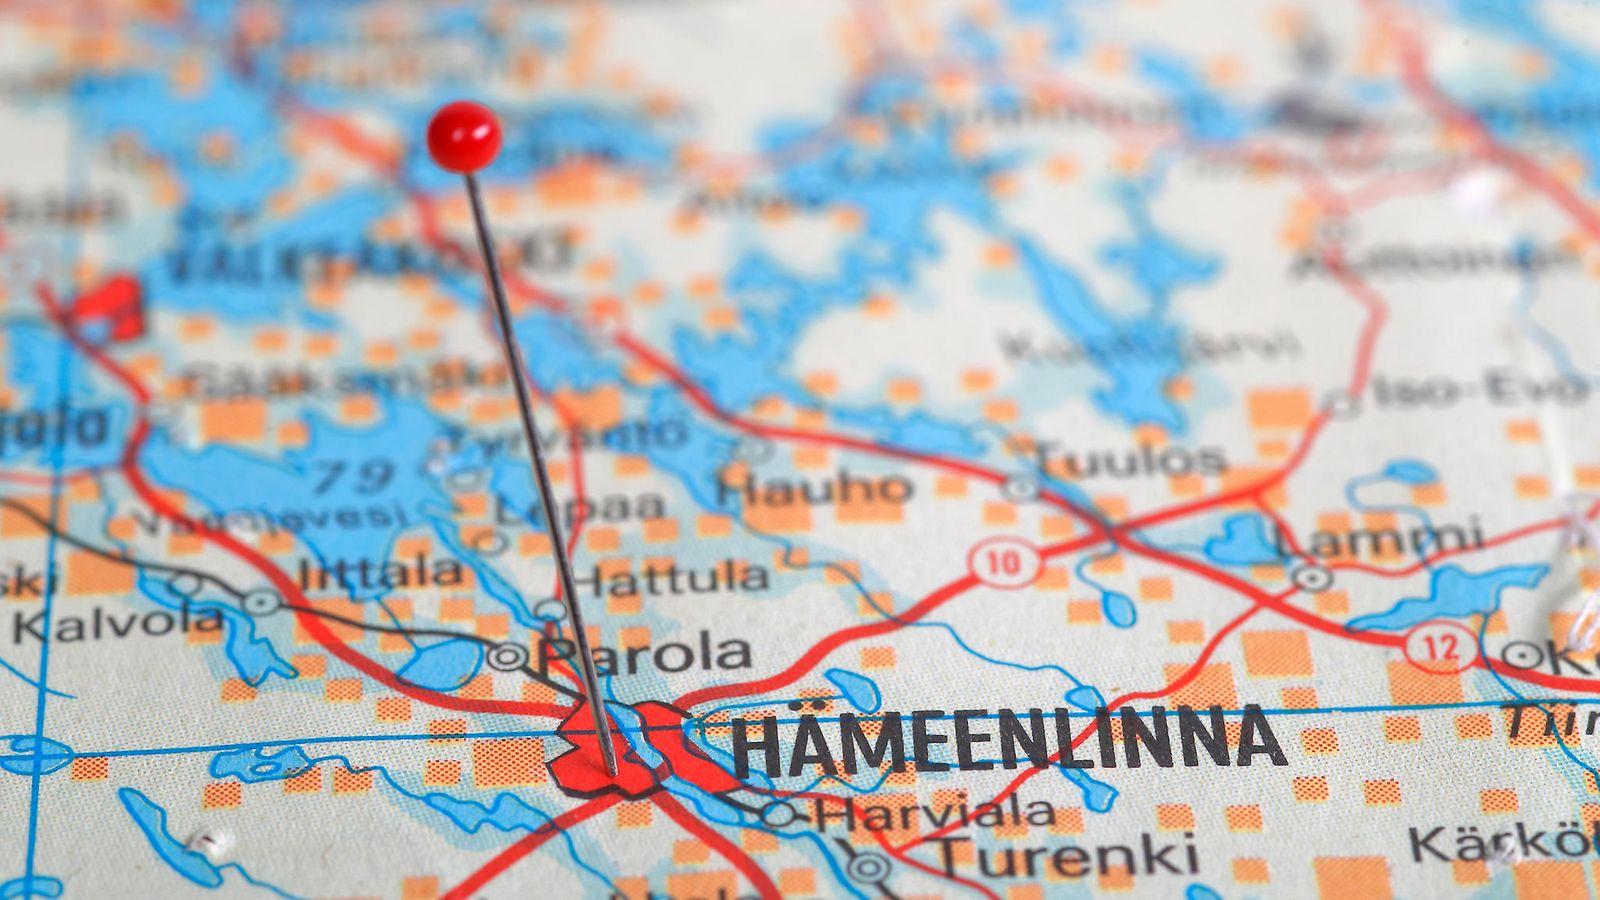 How To Get To Hameenlinnan Kartta Ja Paikkatieto Yksikko In